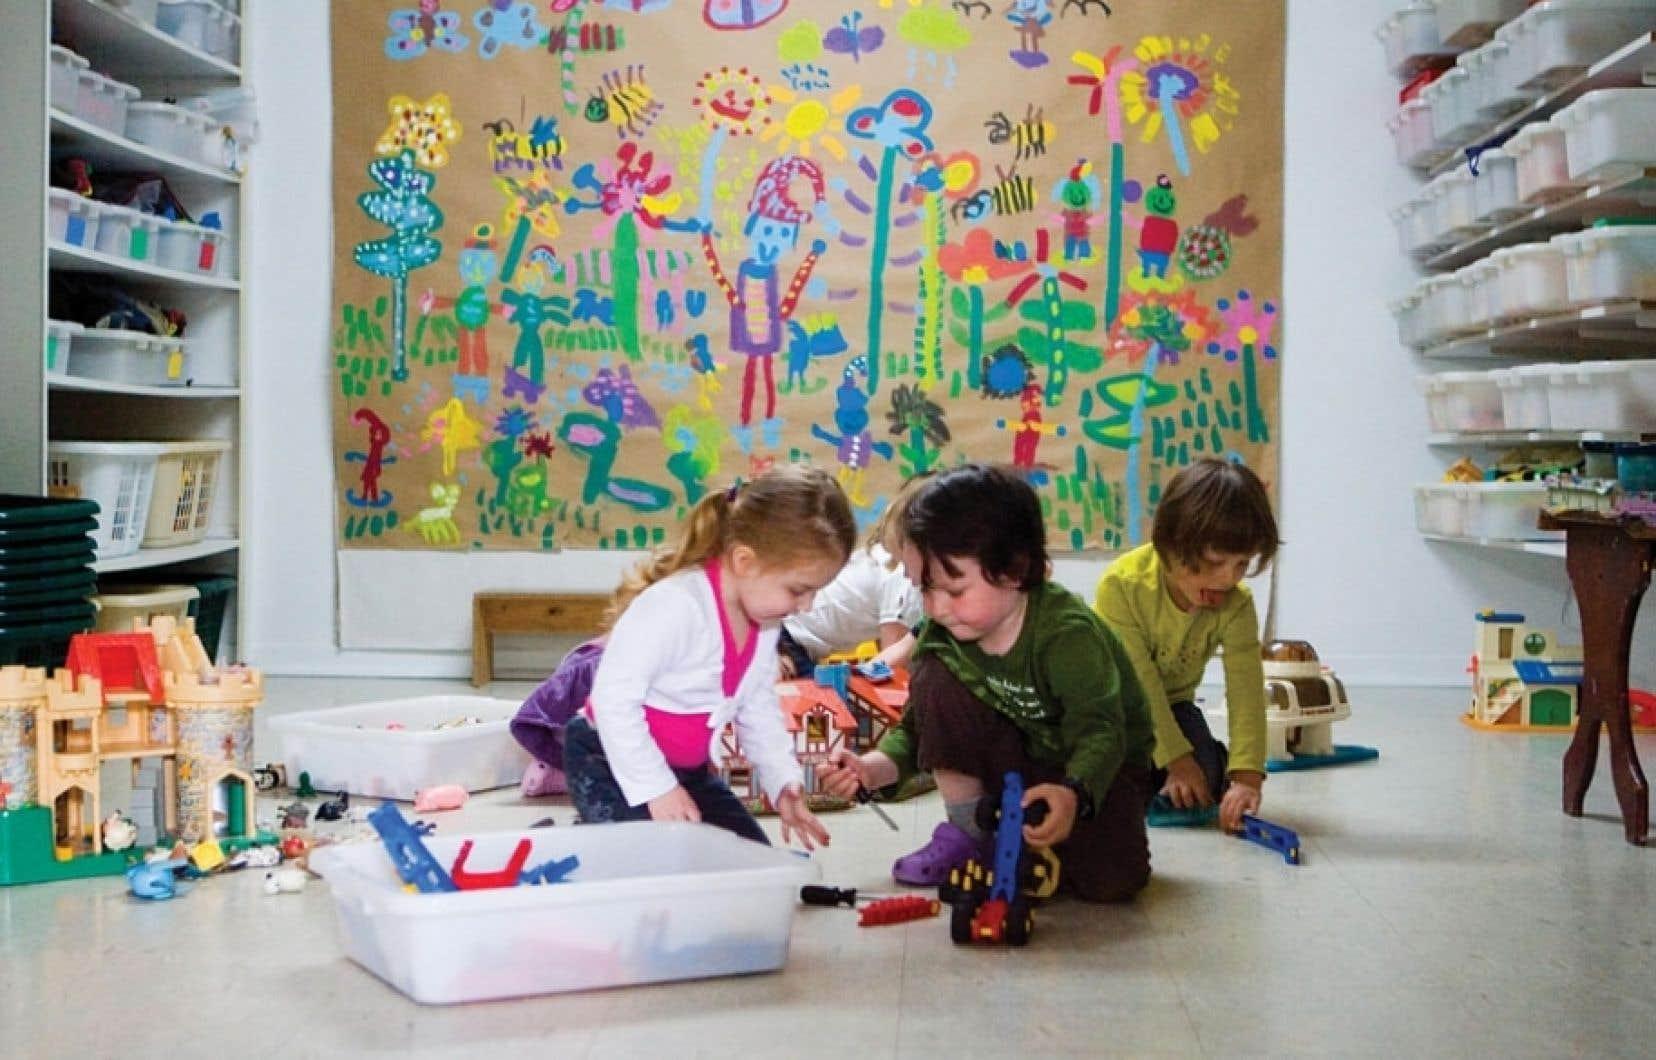 L'Association québécoise des centres de la petite enfance souhaite aussi que l'on discute du financement, mais elle se fait plus prudente sur les tarifs, affirmant qu'il faut maintenir l'accessibilité.